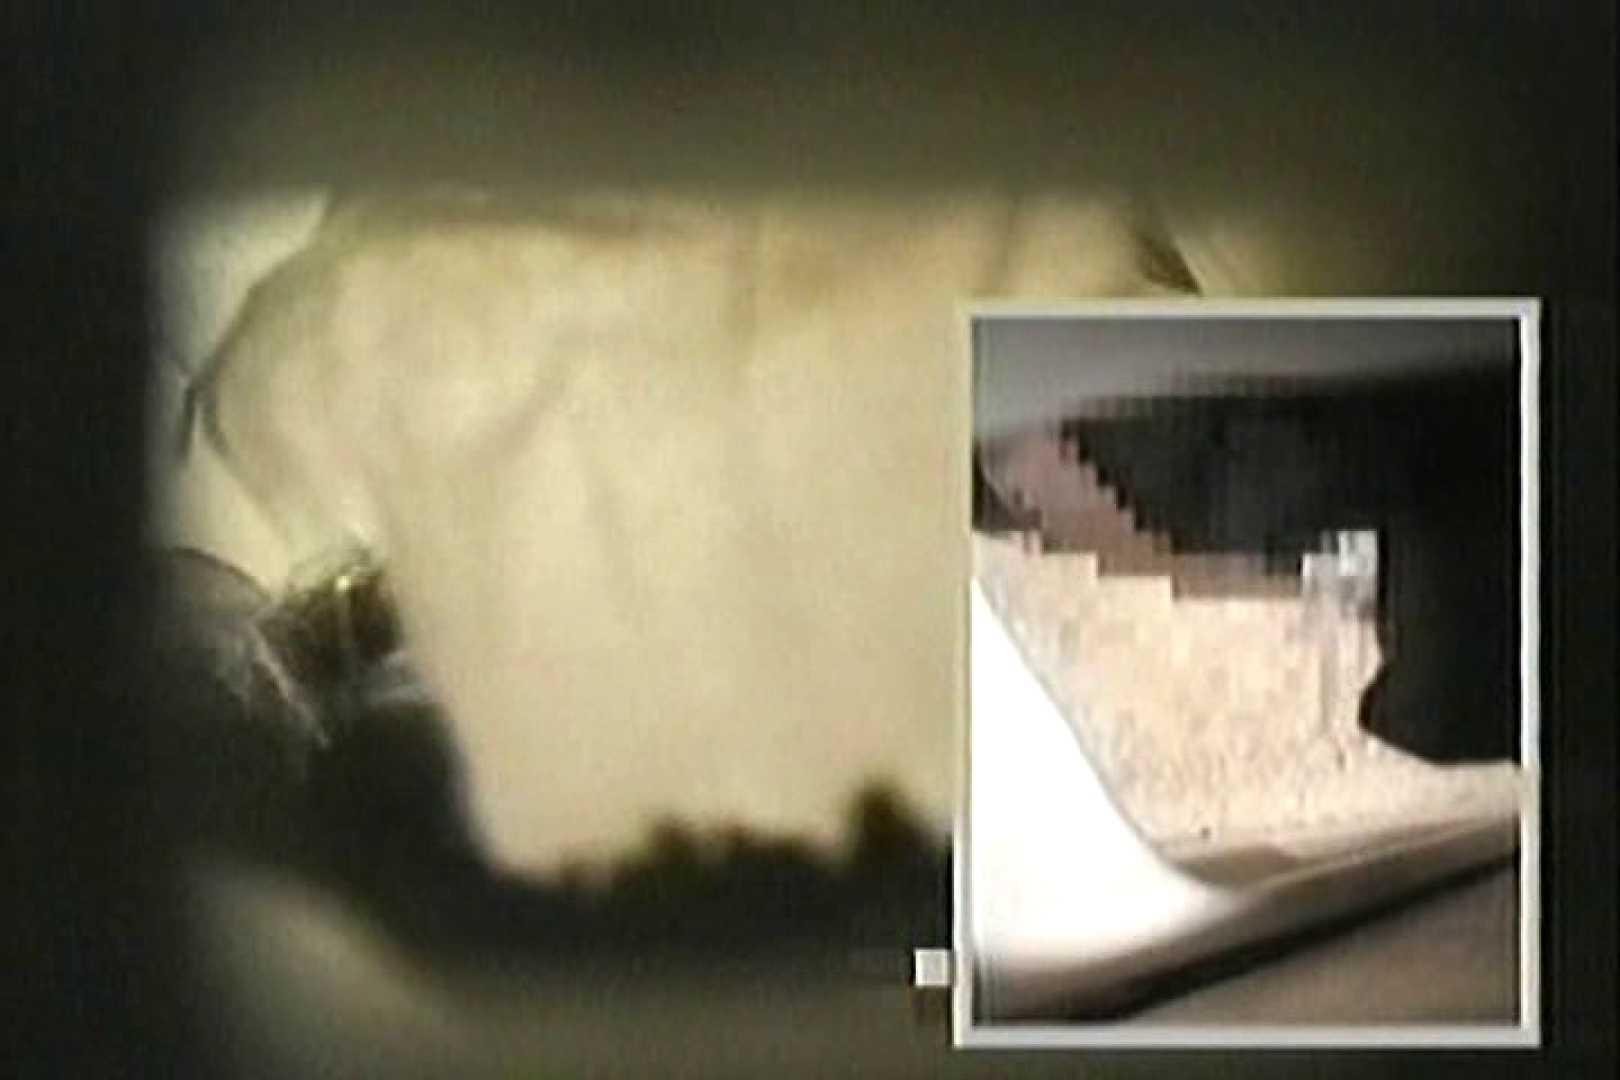 女子洗面所盗撮 今度の2カメは若い子だらけ  TK-127 S級美女ギャル AV無料 91画像 87